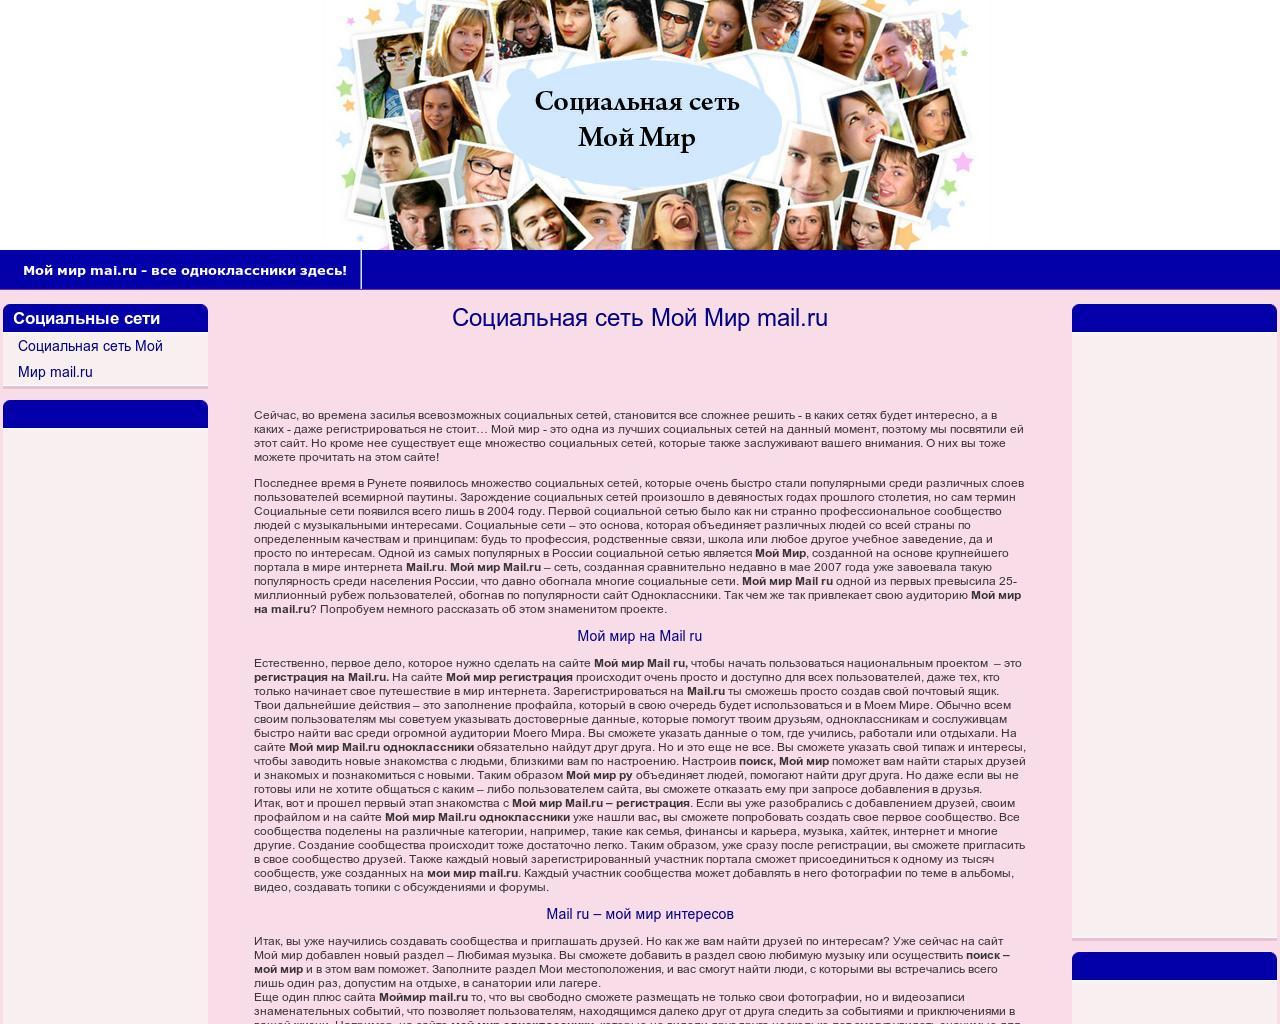 Сайт мой мир 3 фотография